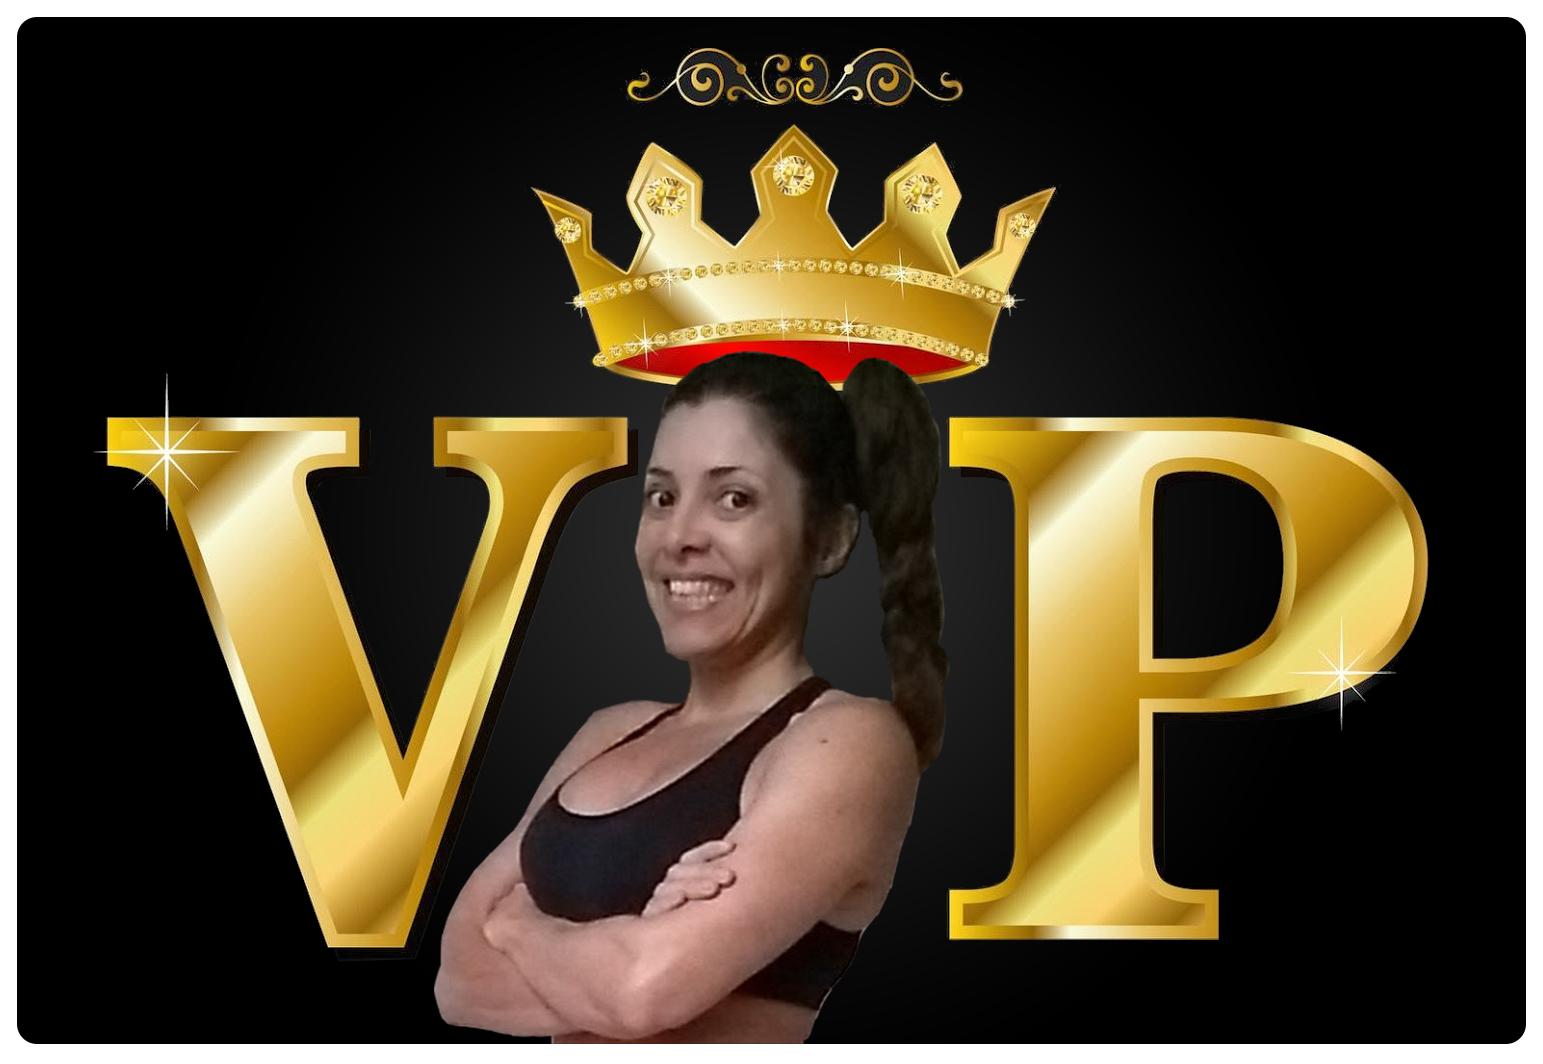 = Participação VIP =